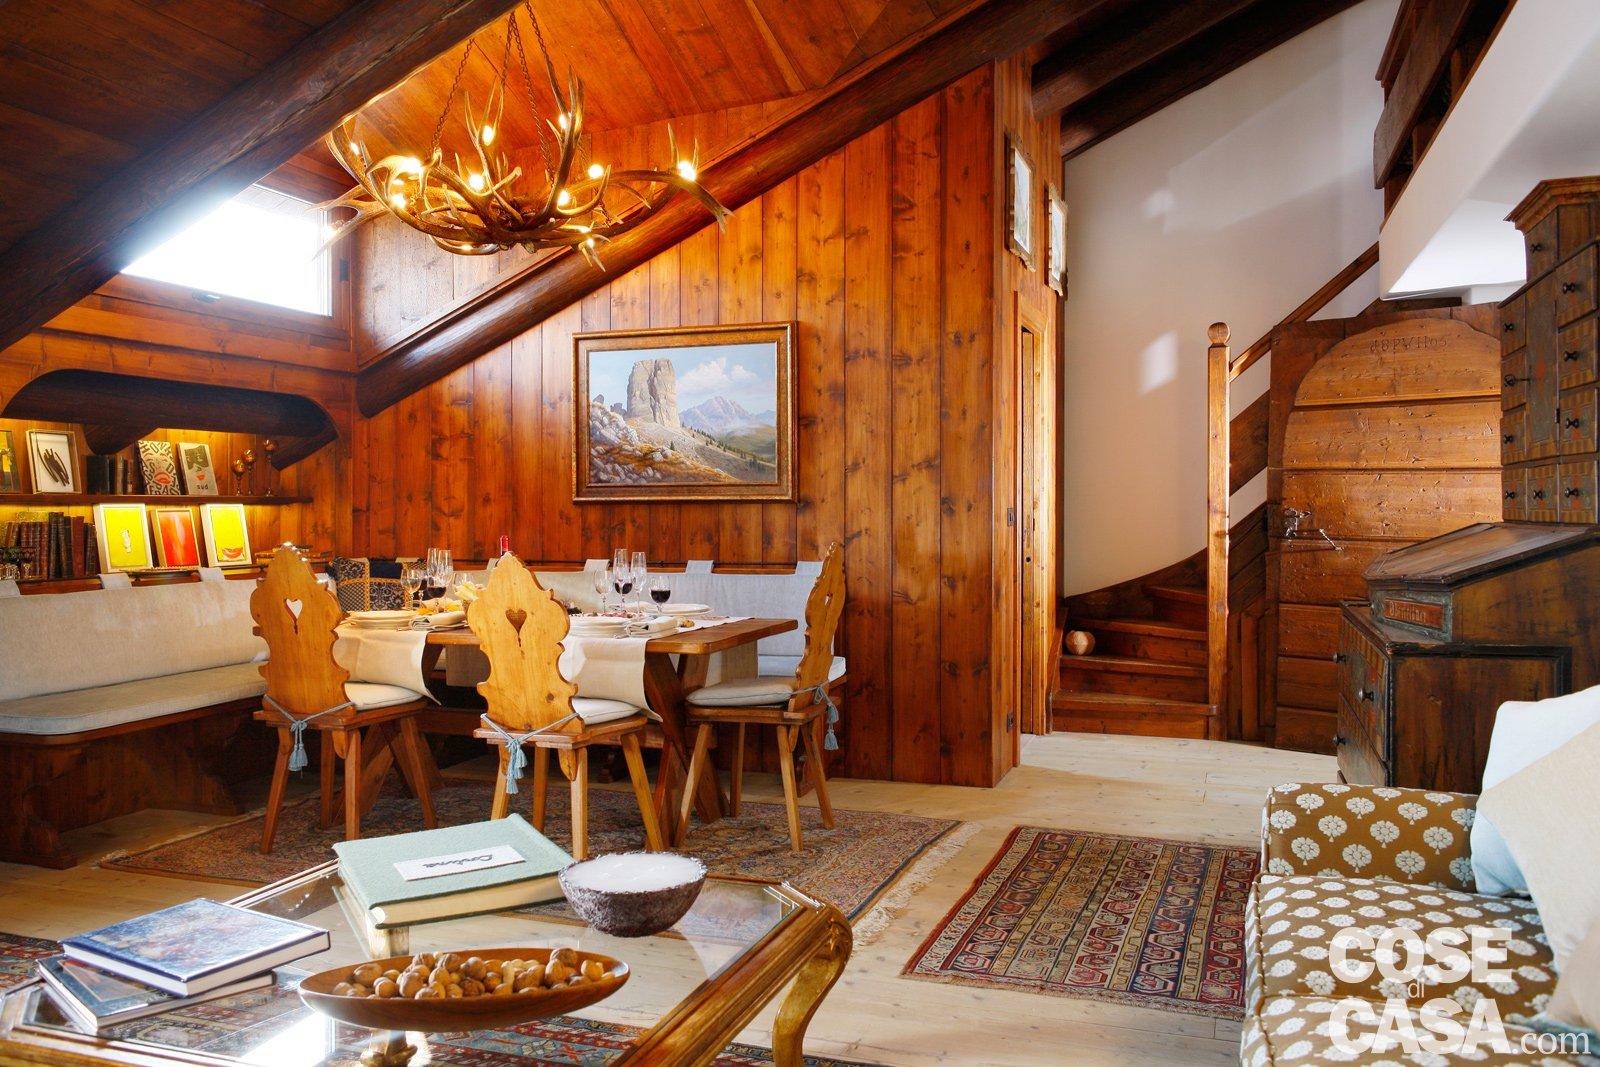 Mansarda tutta legno nuova vita per la casa di montagna for Arredamento interni case montagna